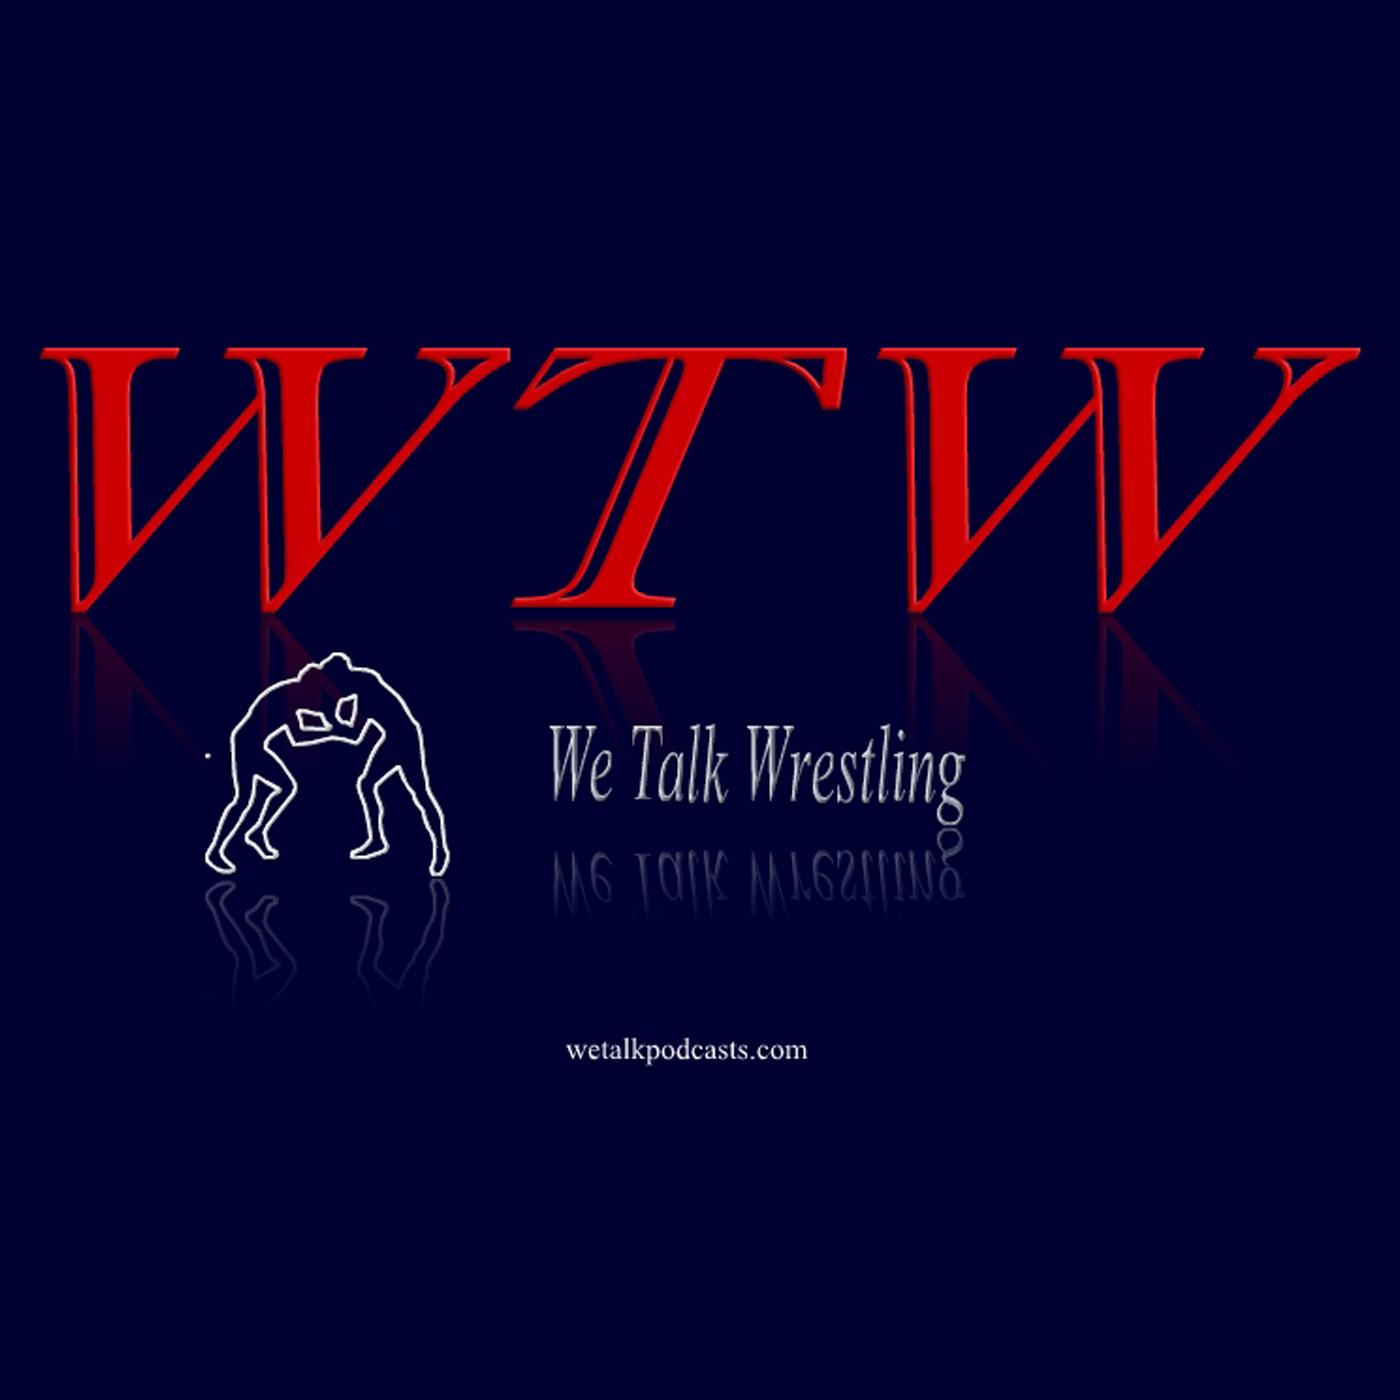 We Talk Wrestling